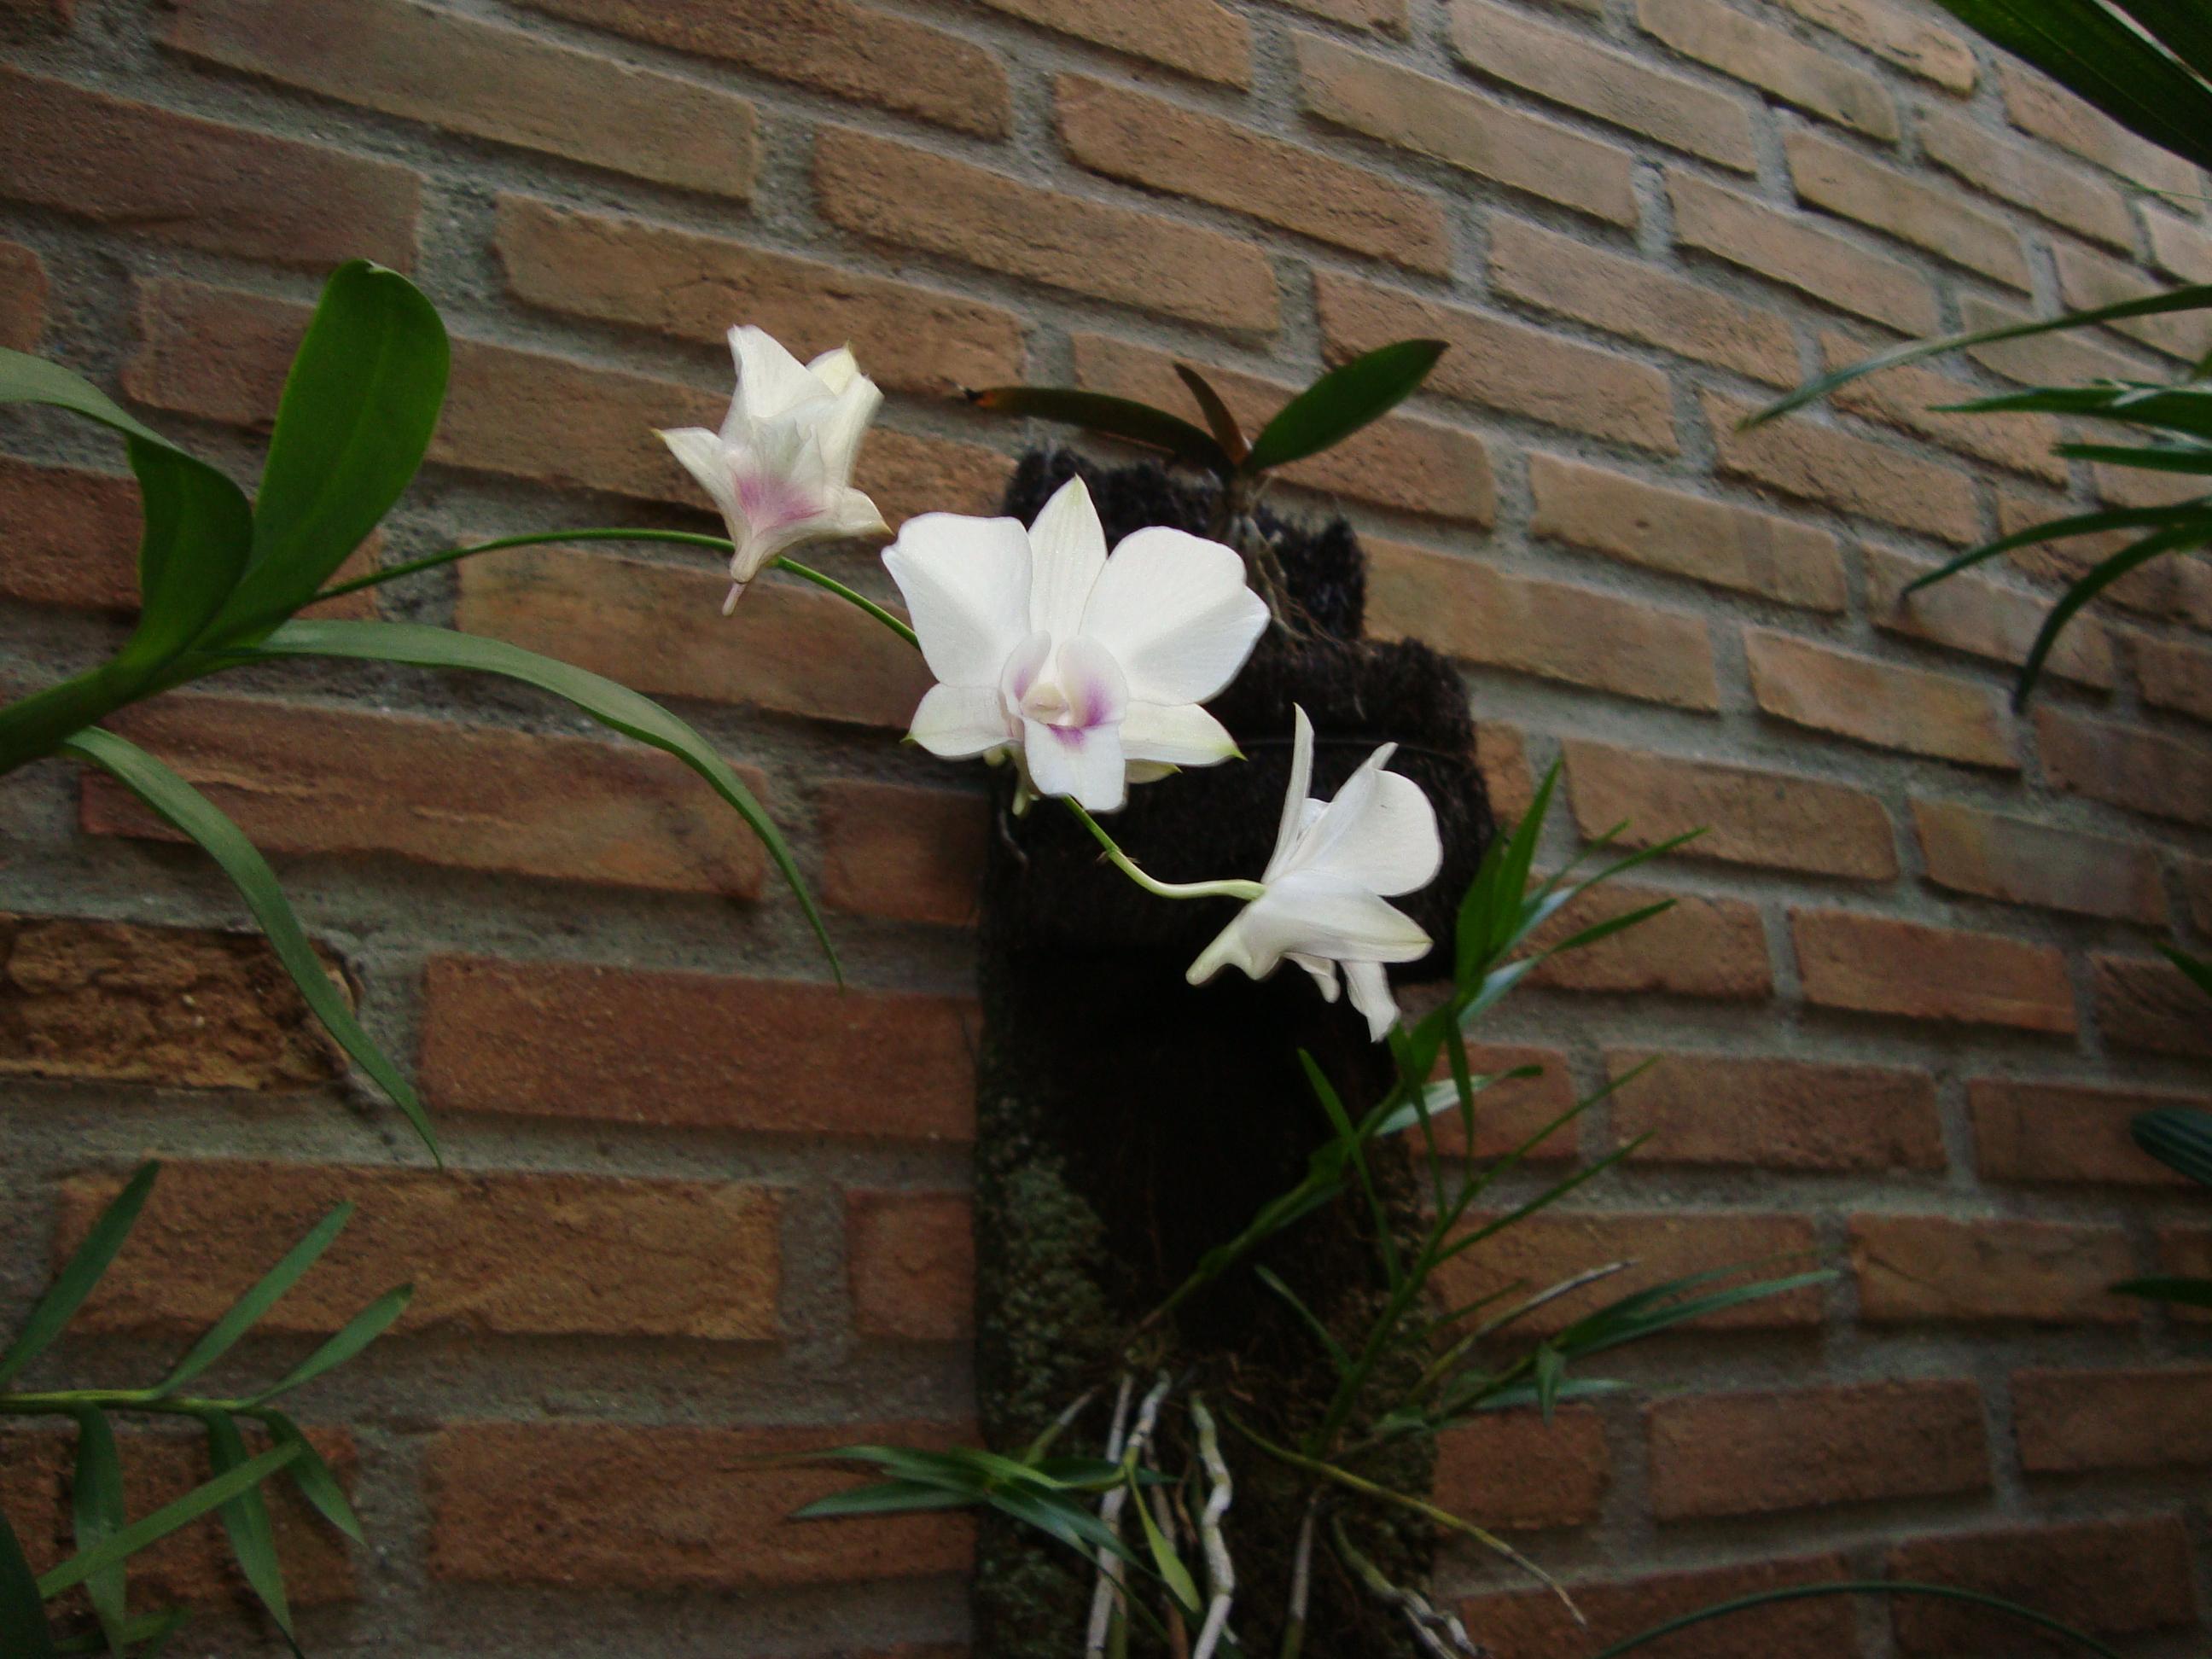 Orquídea em nosso jardim